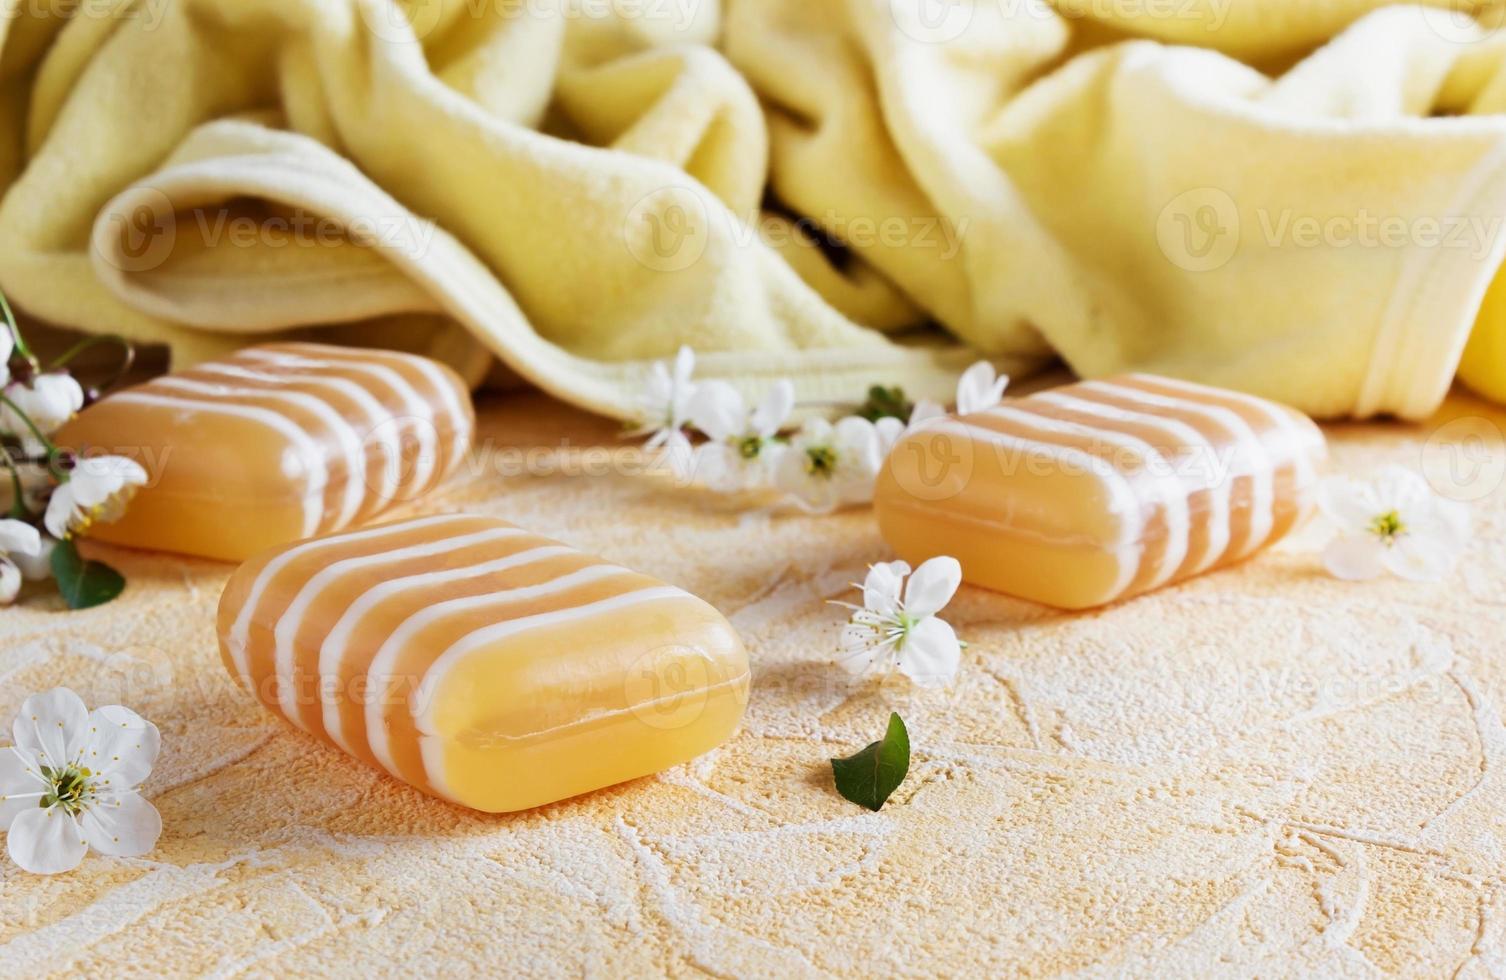 barres de savon à la glycérine photo